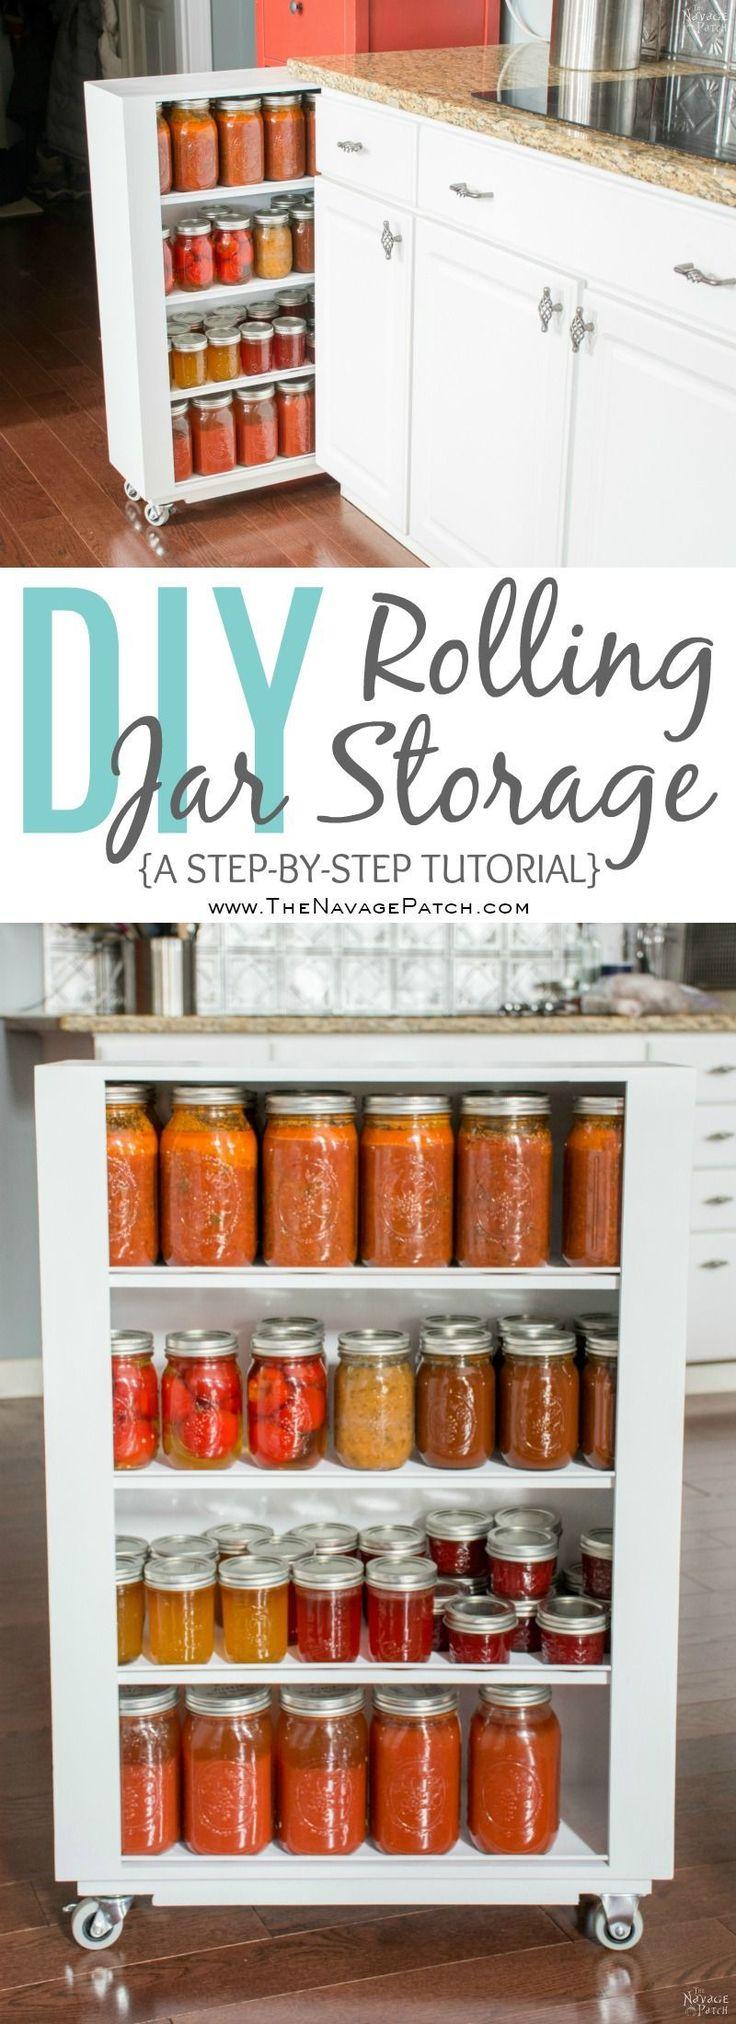 DiY Rolling Storage | Diy pull-out kitchen shelves | Diy Jar storage shelves wit...